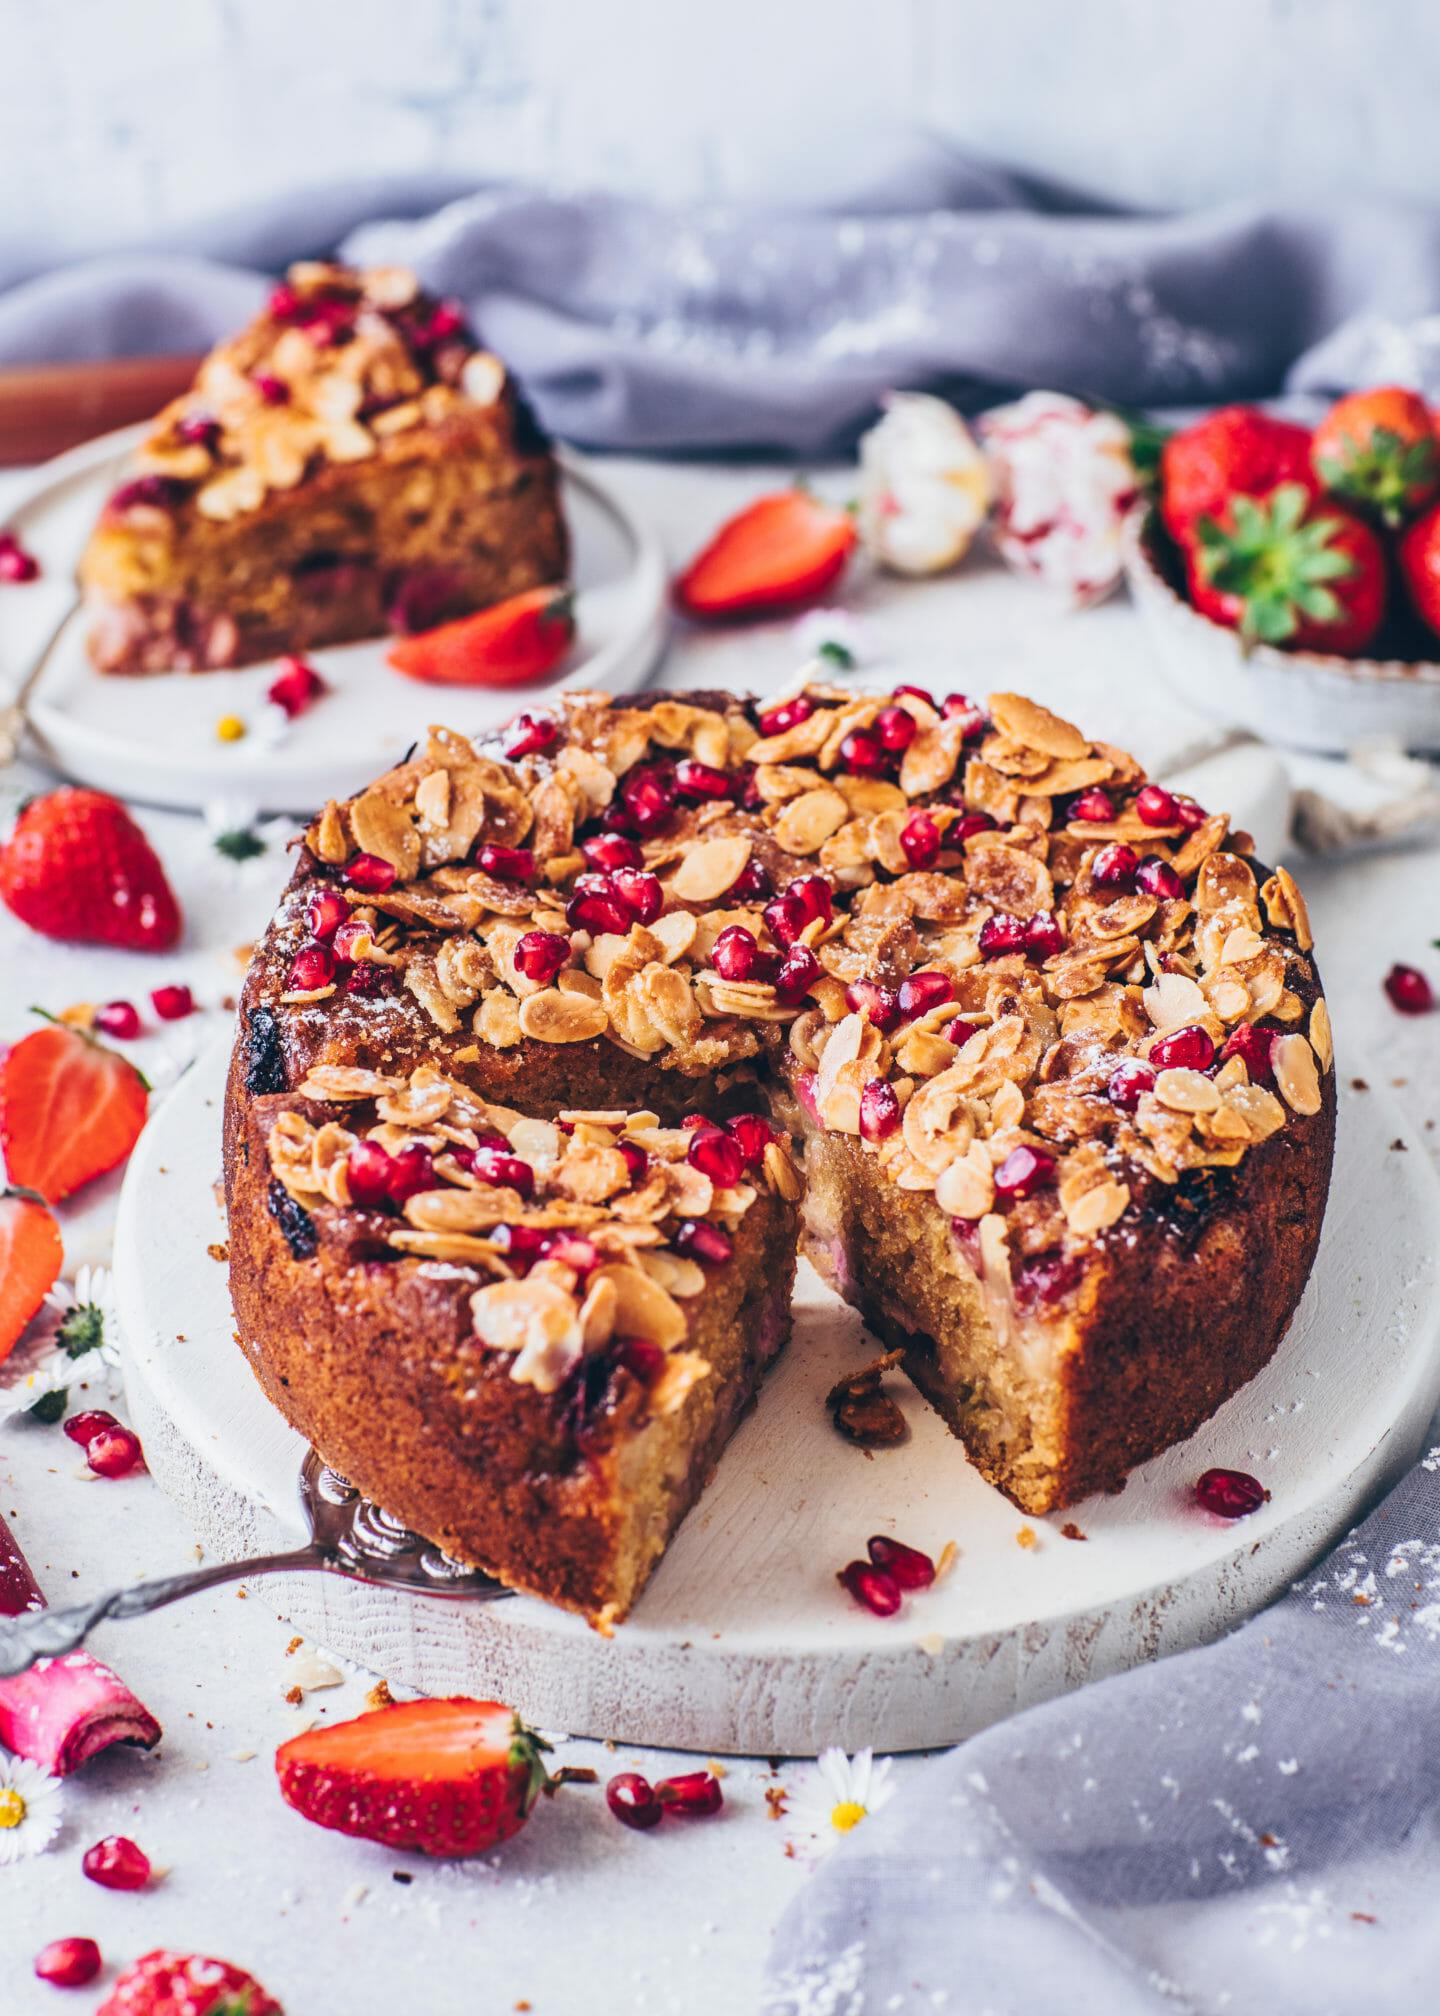 Rhabarber-Erdbeer-Kuchen mit Mandeln (Food Fotografie)